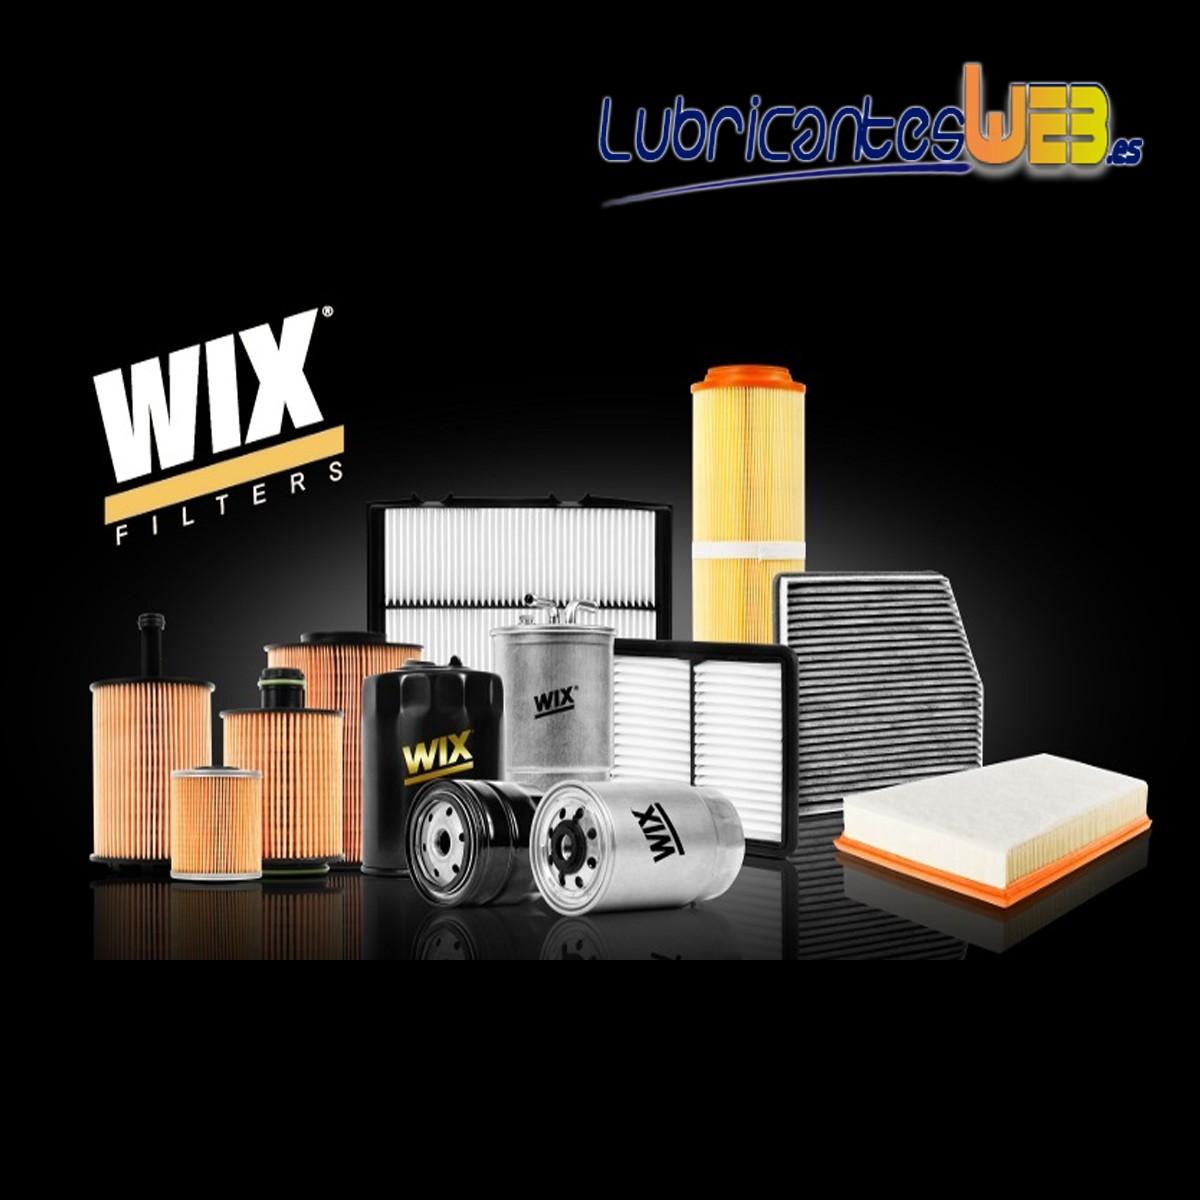 FILTRO WIX DE COMBUSTIBLE WF8395